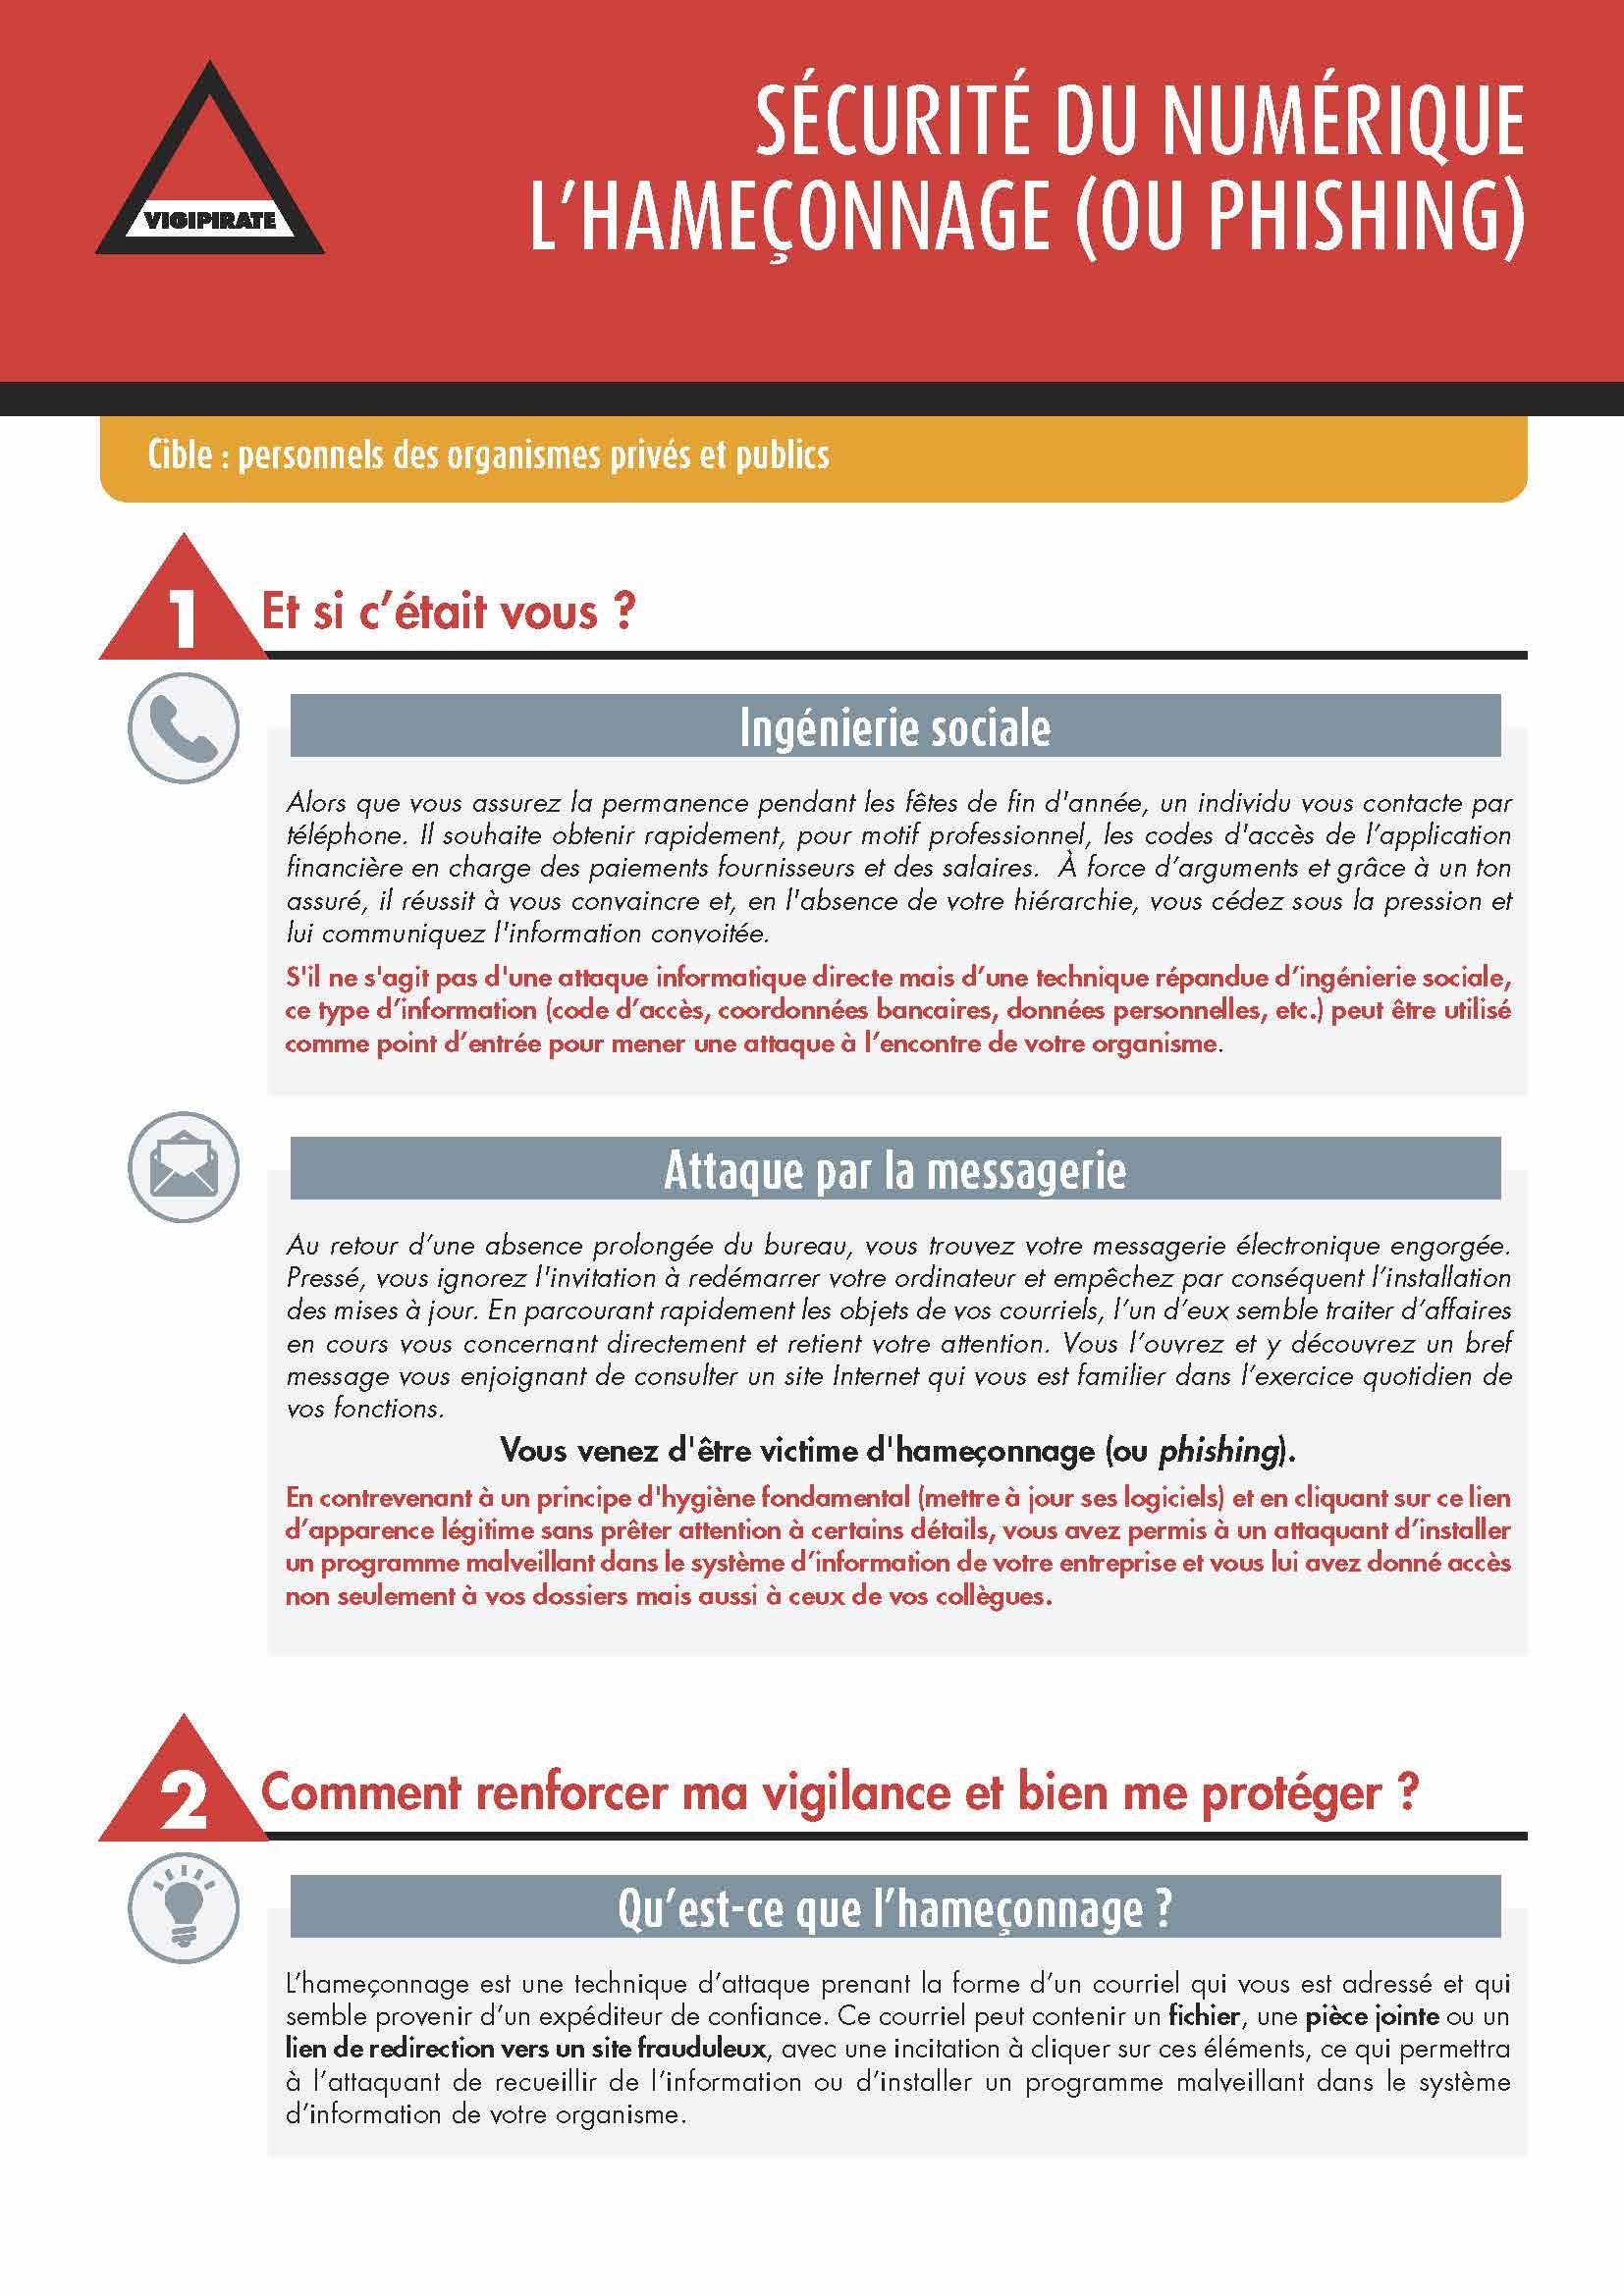 fiche-securite-du-numerique-lhameconnage-ou-phishing_Page_1